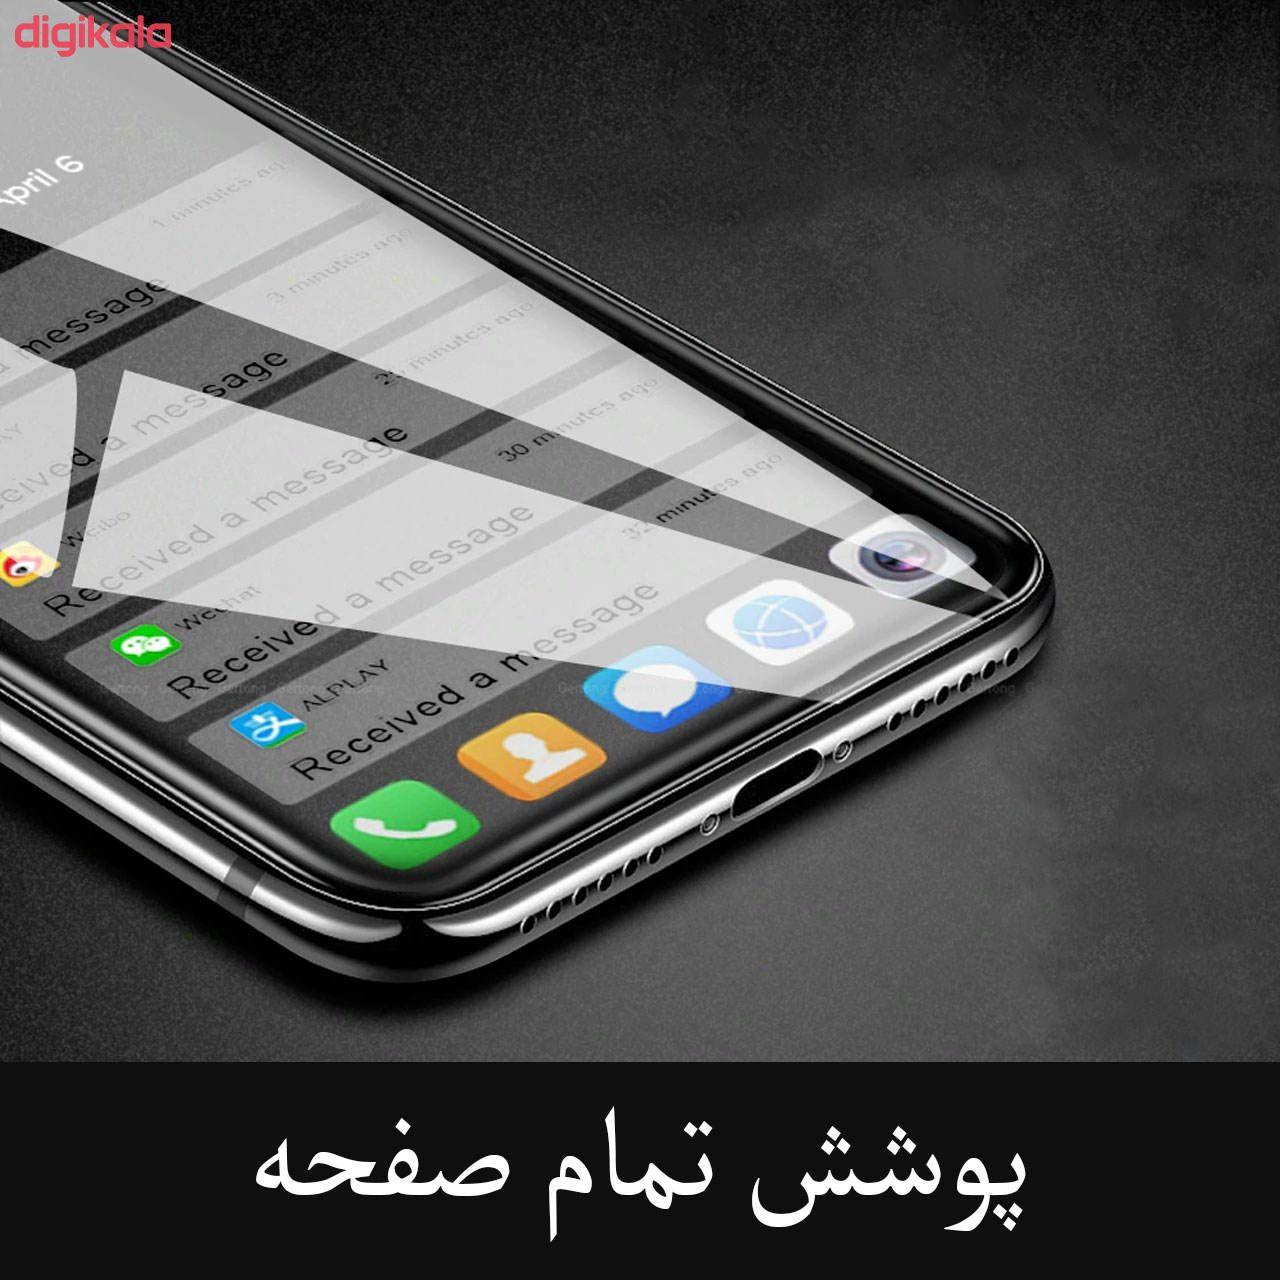 محافظ پشت گوشی شیپ مدل BKSH-01 مناسب برای گوشی موبایل سامسونگ Galaxy A71 main 1 12